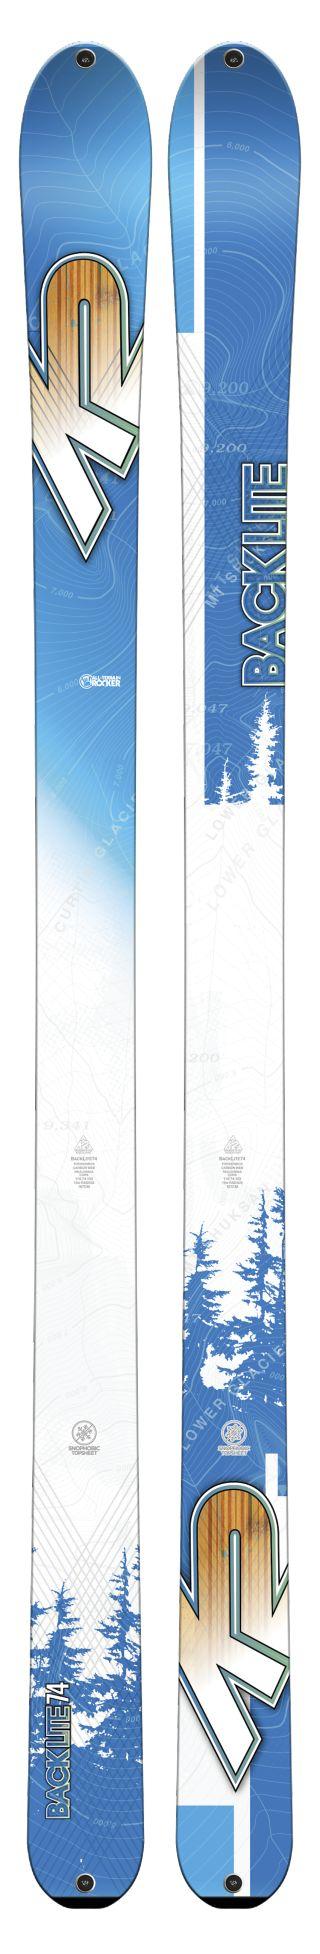 K2 Skis - Backlite 74 Ski